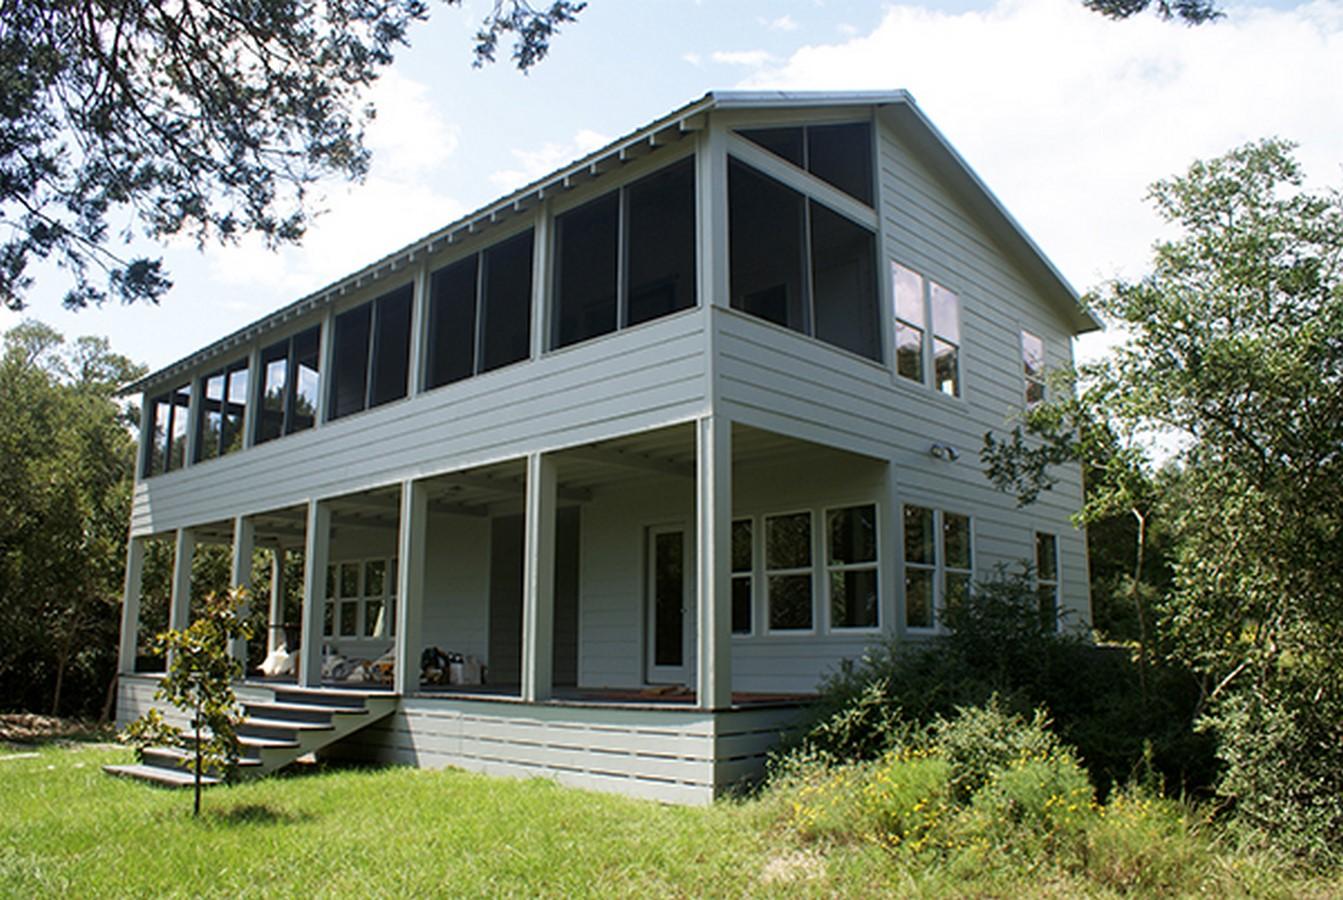 ANTONIO'S HOUSE - Sheet2